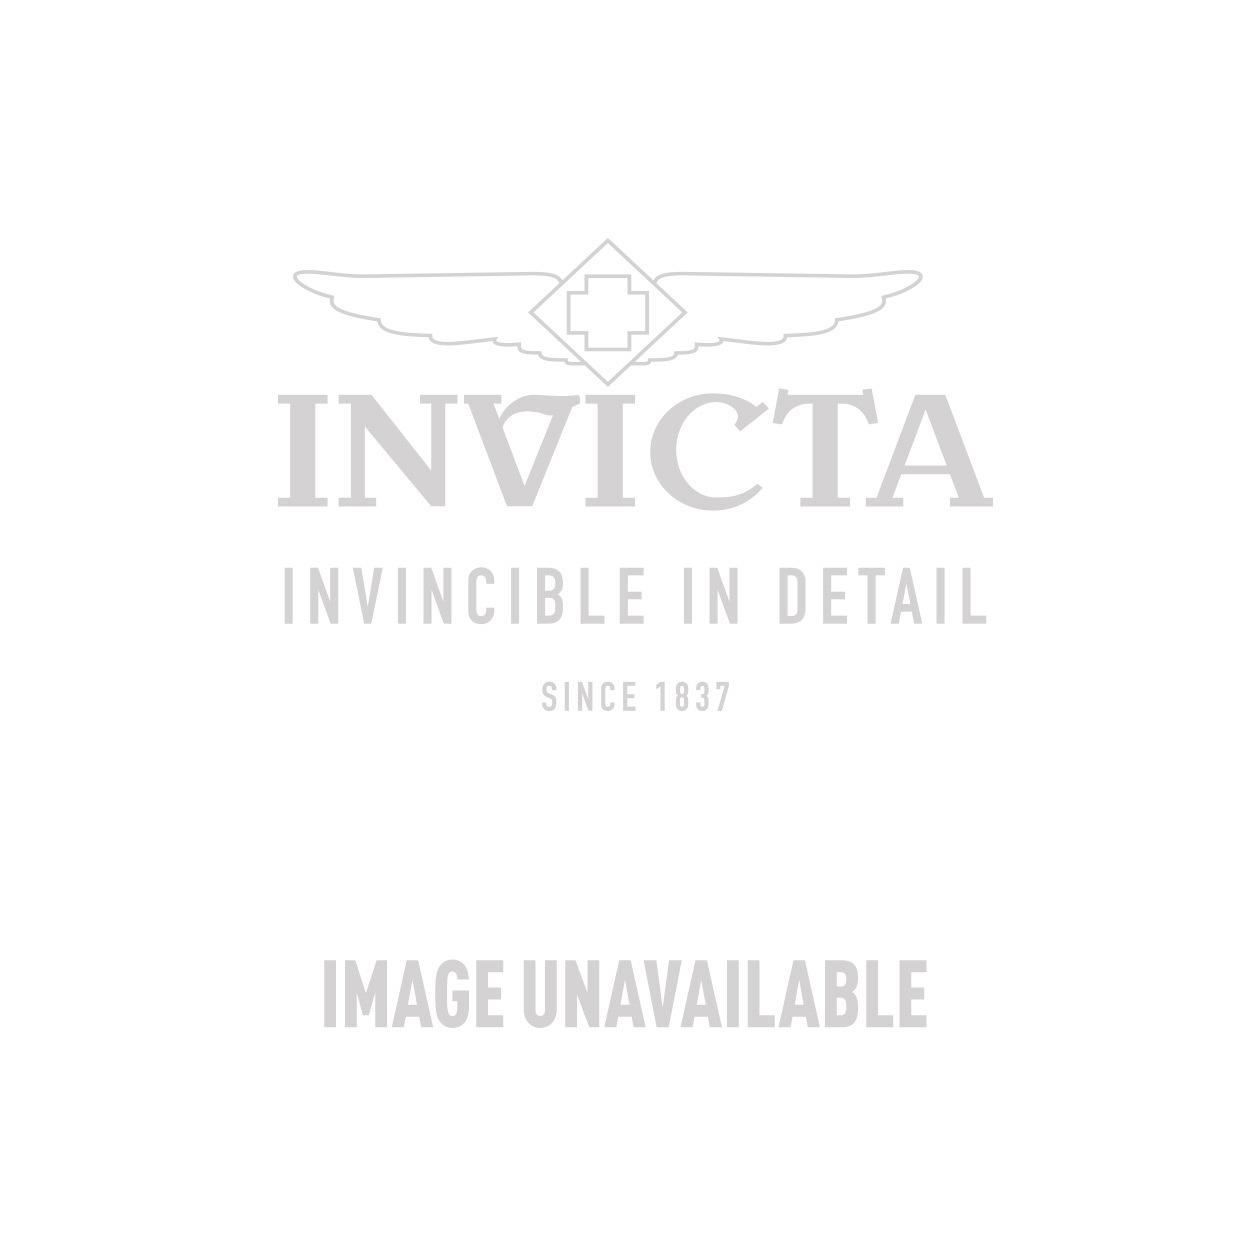 Invicta Model 28146